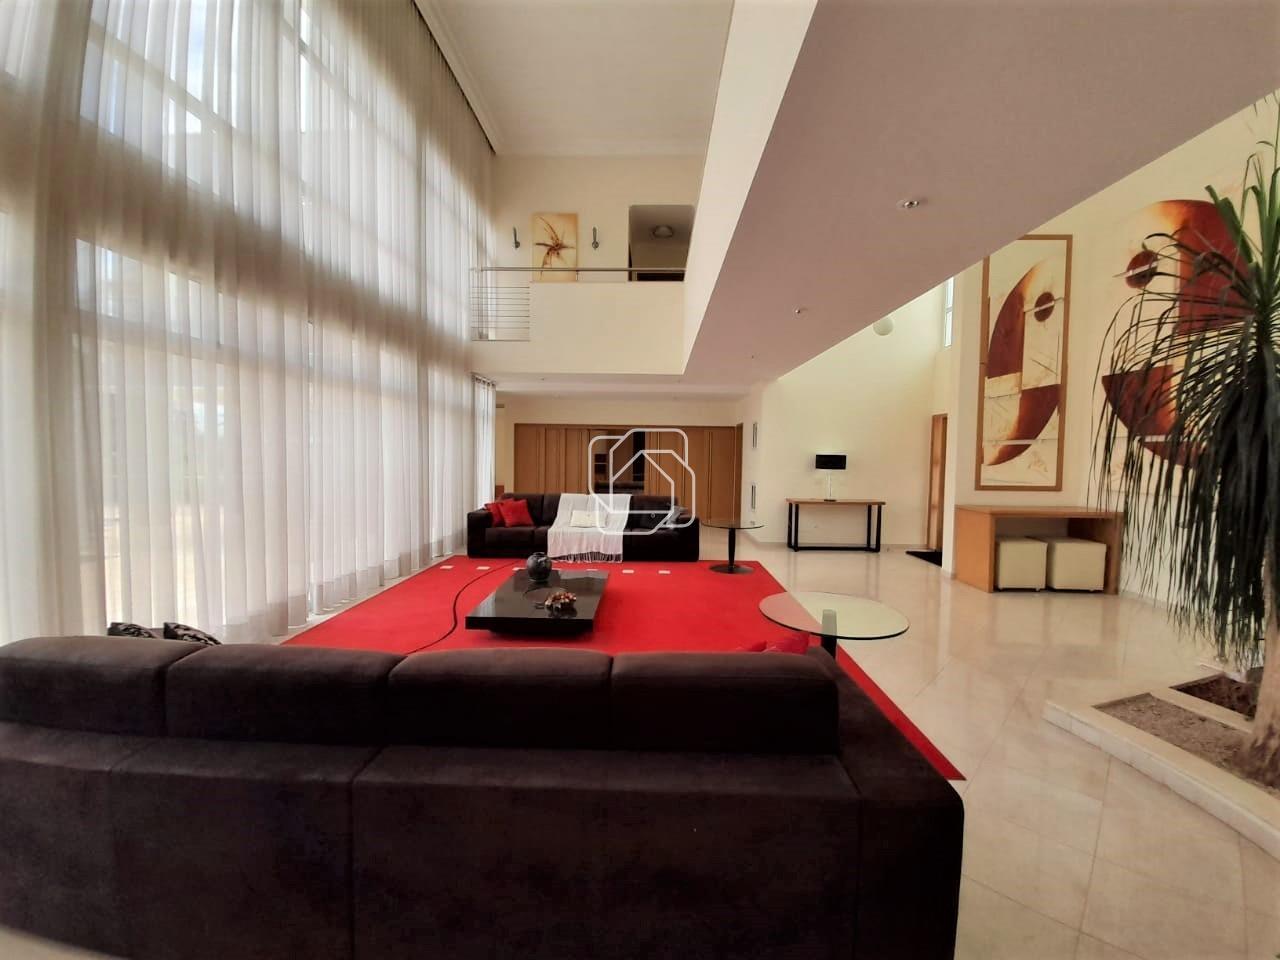 Casa de Condomínio à venda no Colinas do Mosteiro de Itaici: Casa à venda no Condomínio Colinas do Mosteiro de Itaici - Indaiatuba/SP